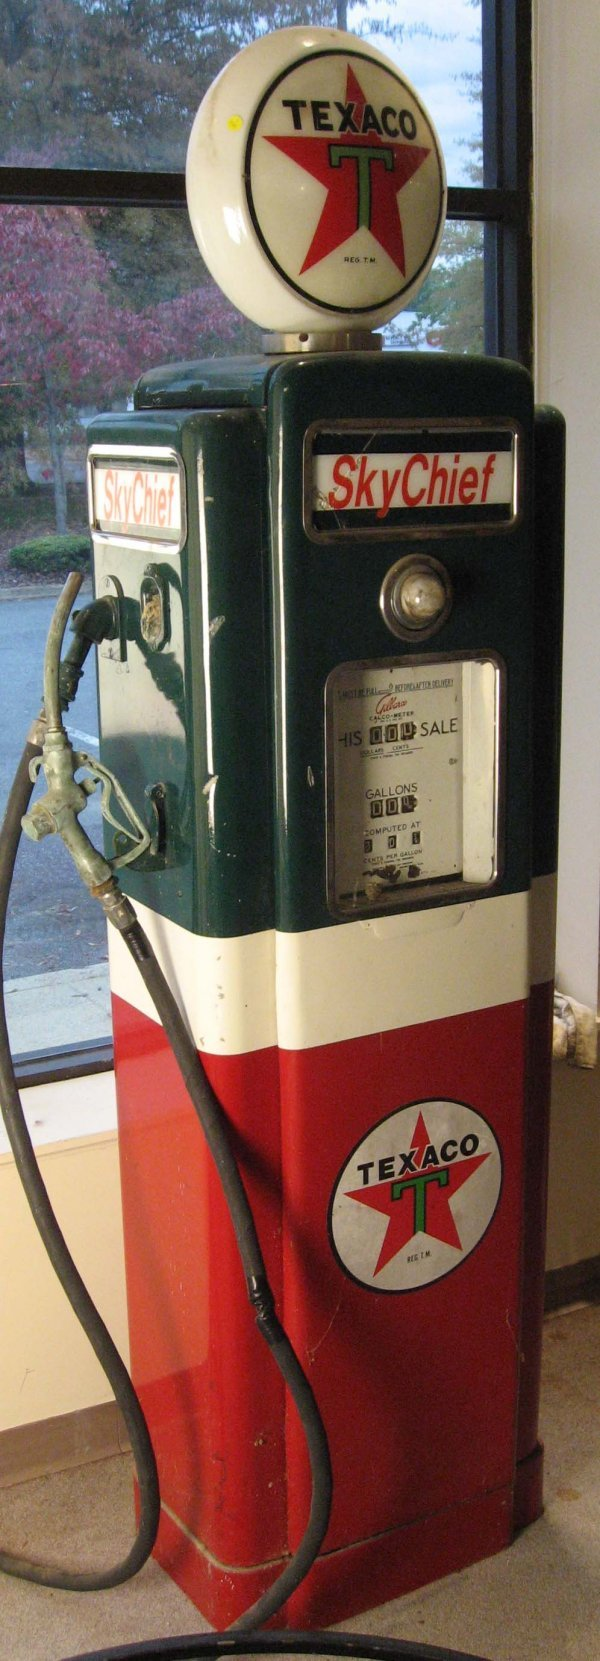 241: Texaco Gas Pump w/ Gilbarco Calco-meter